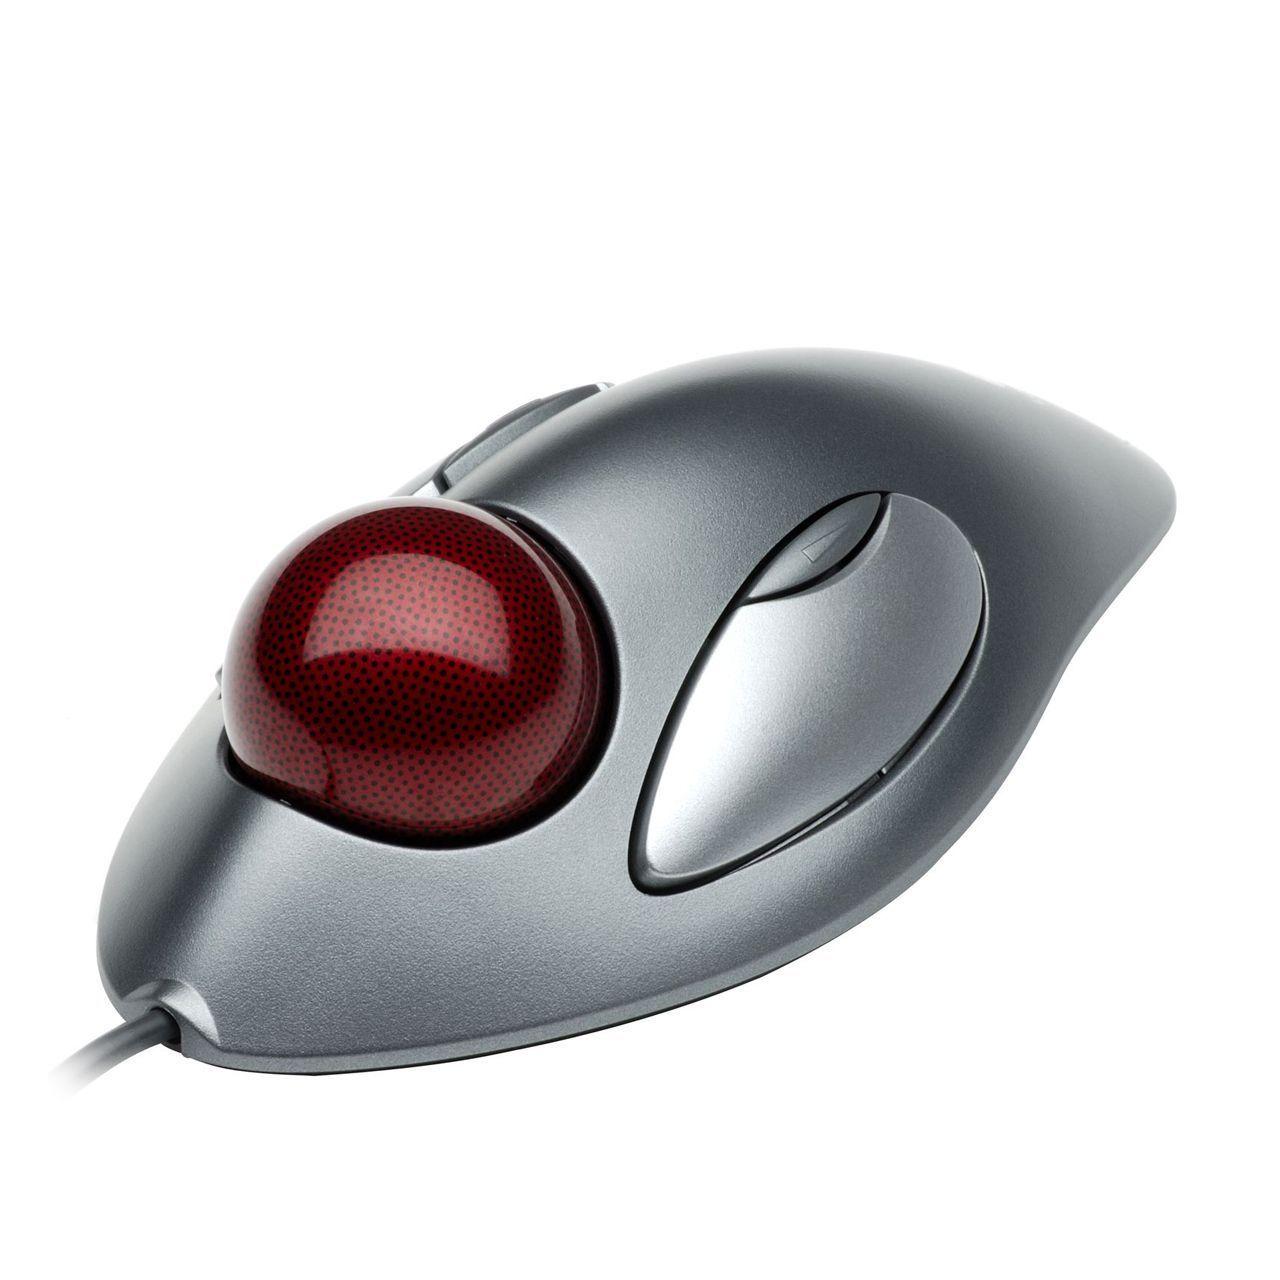 Logitech Marble Mouse ERKALOG117 voorkant rechts